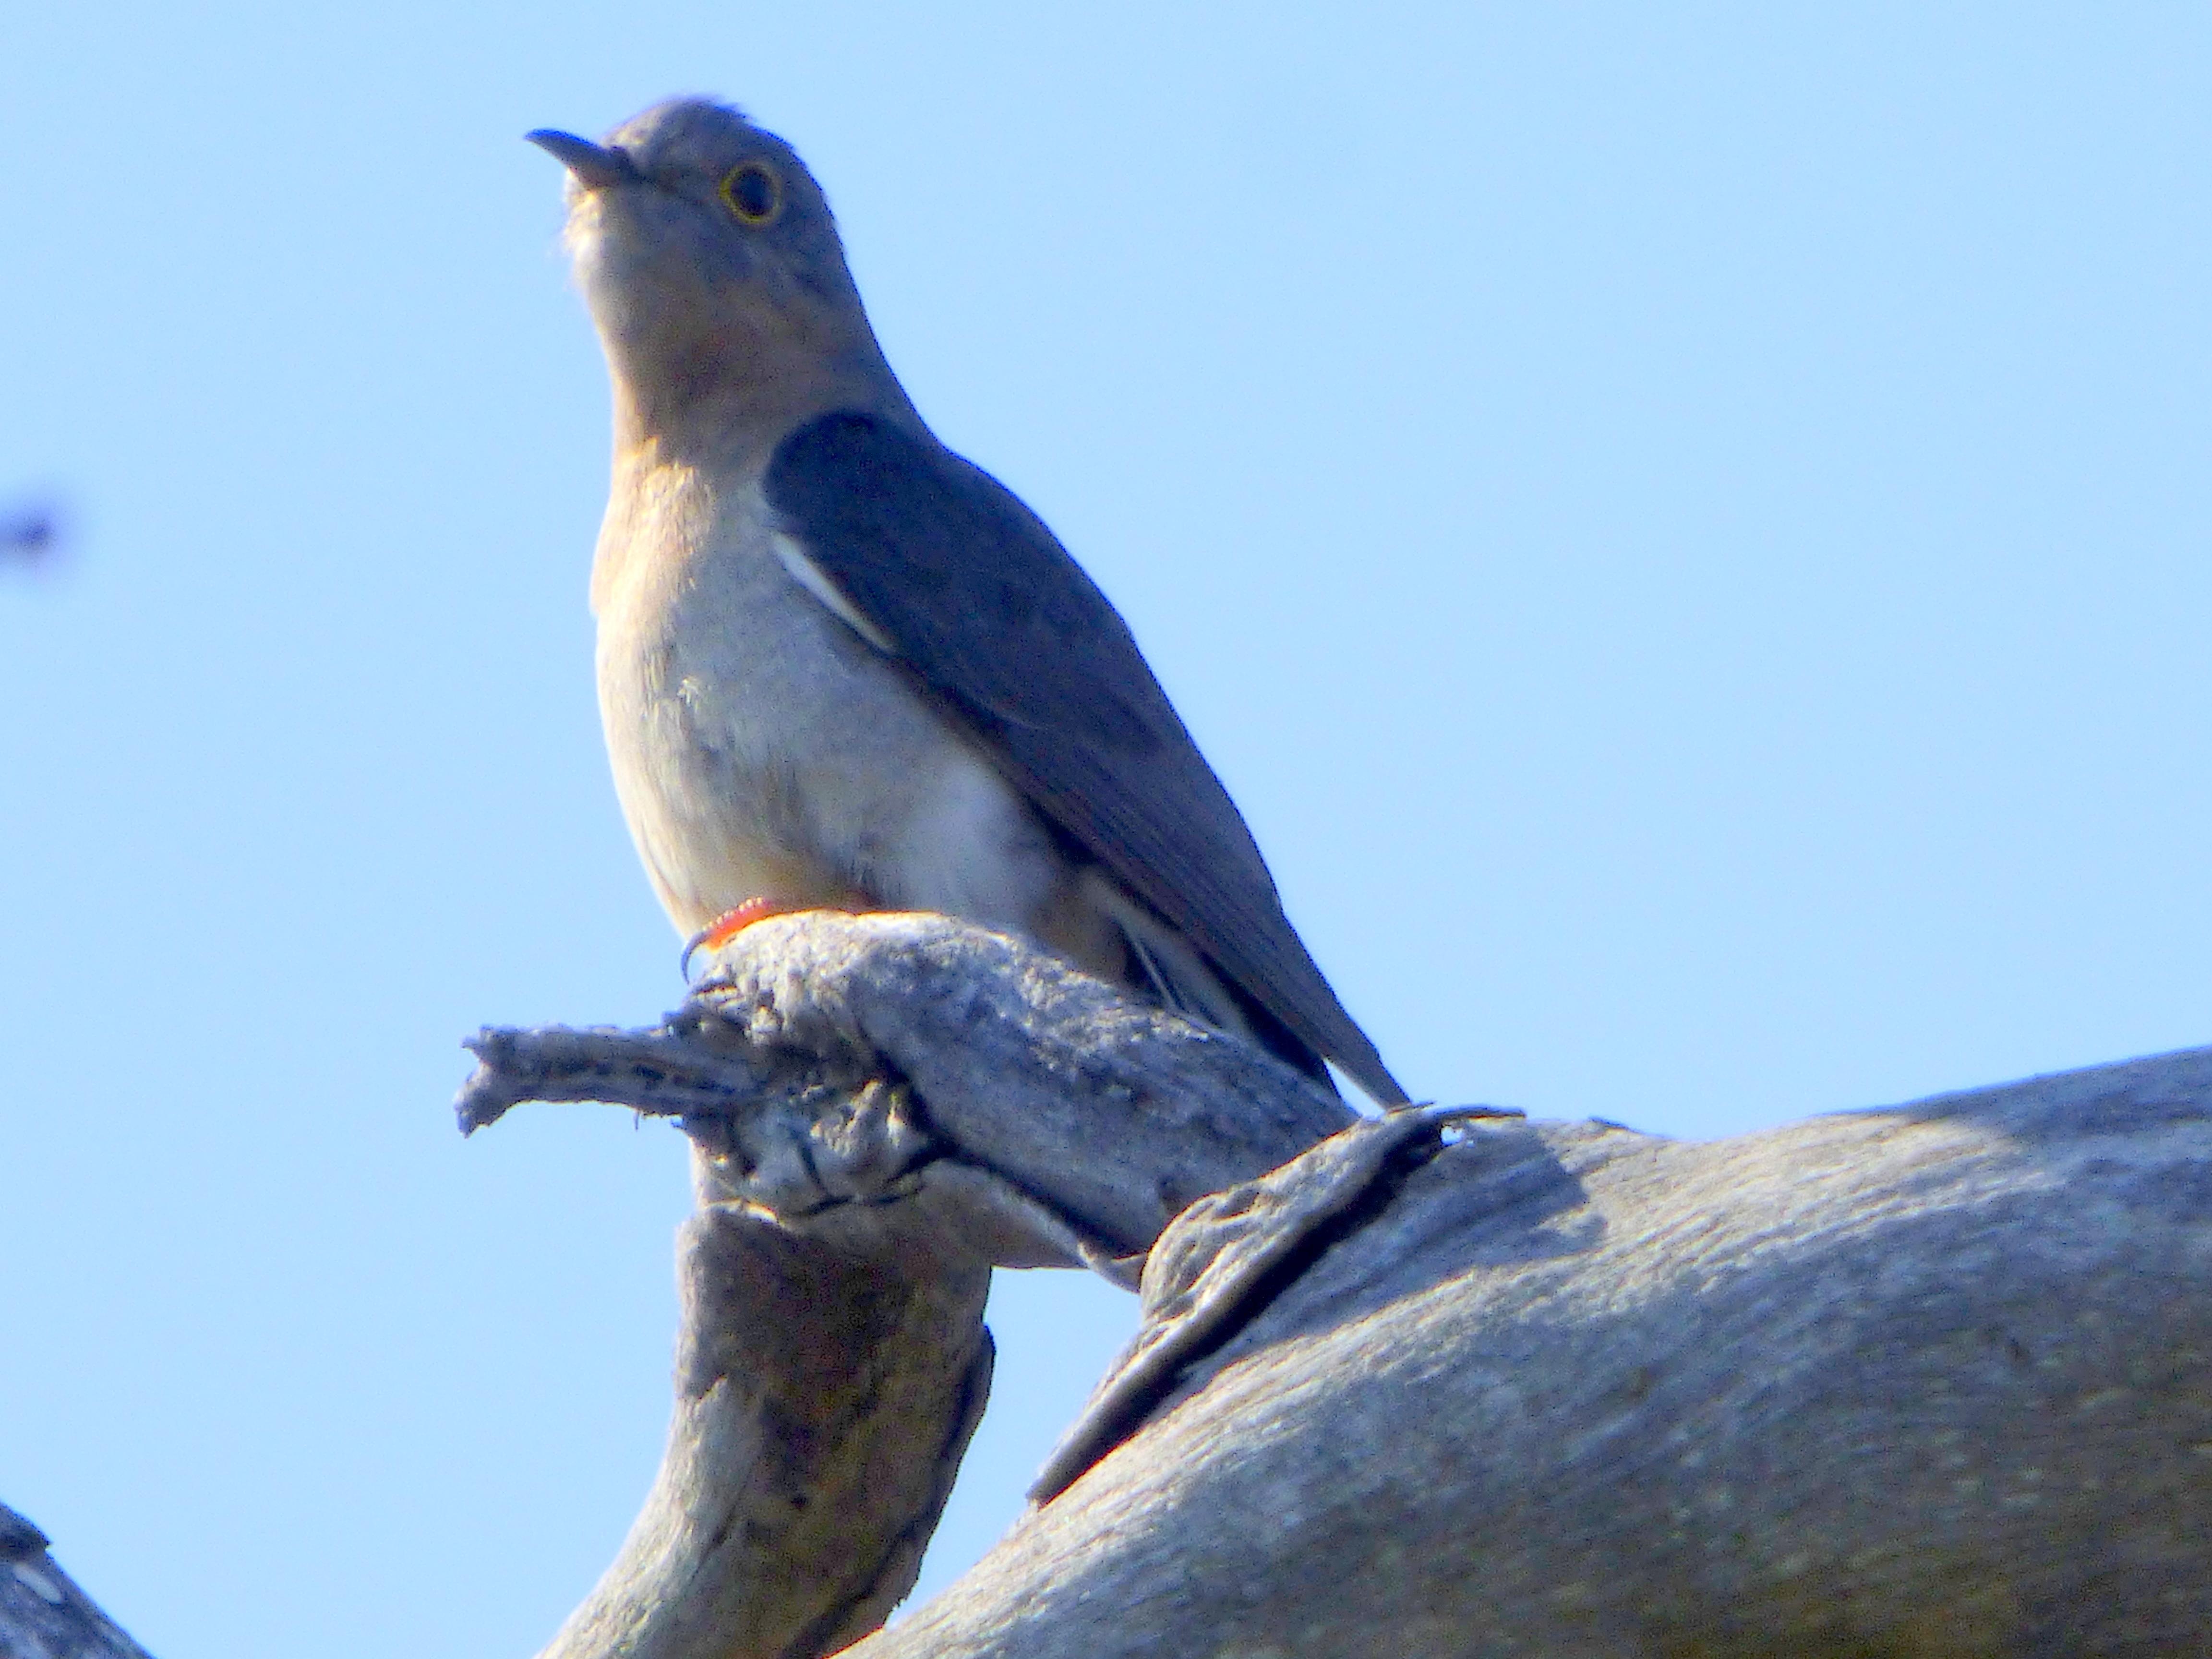 Fan-tailed Cuckoo 1 - Katmun Loh